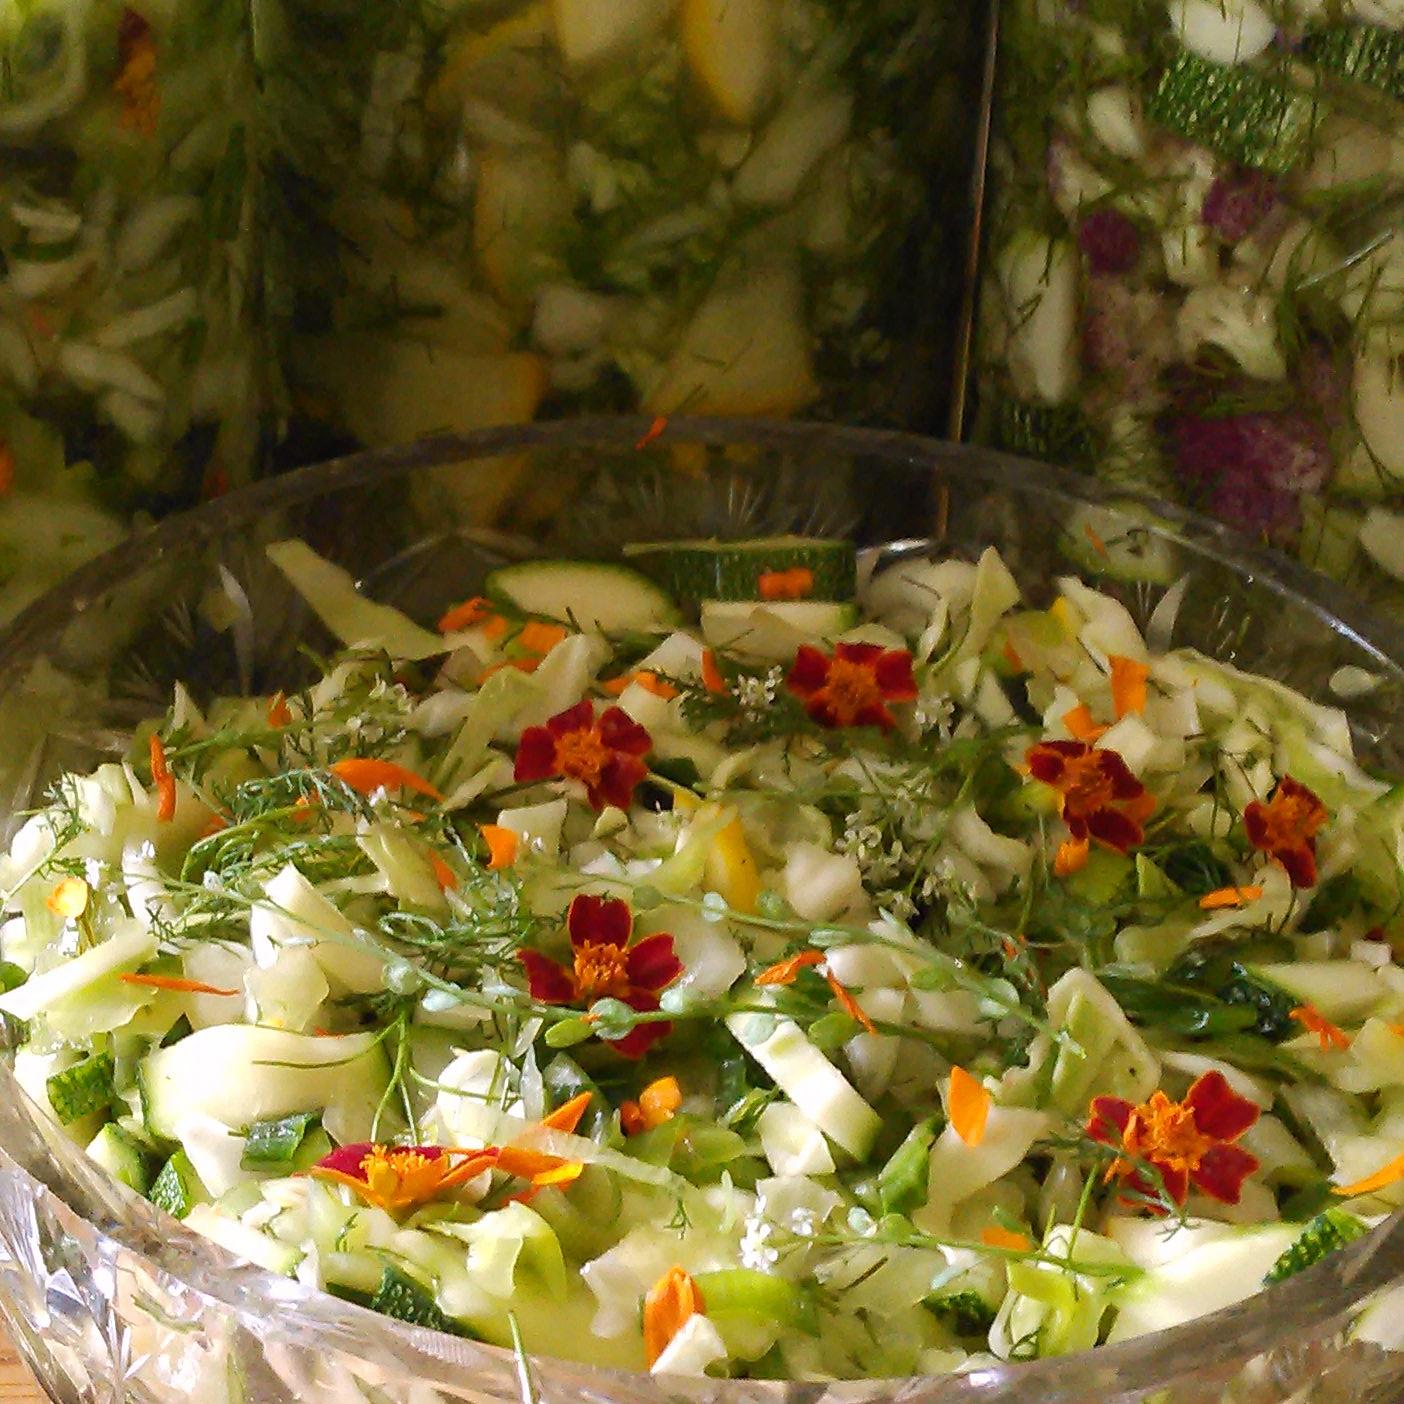 ryllik og blomster er ingredienser i både melkesyregjærings glassene og dagens salat